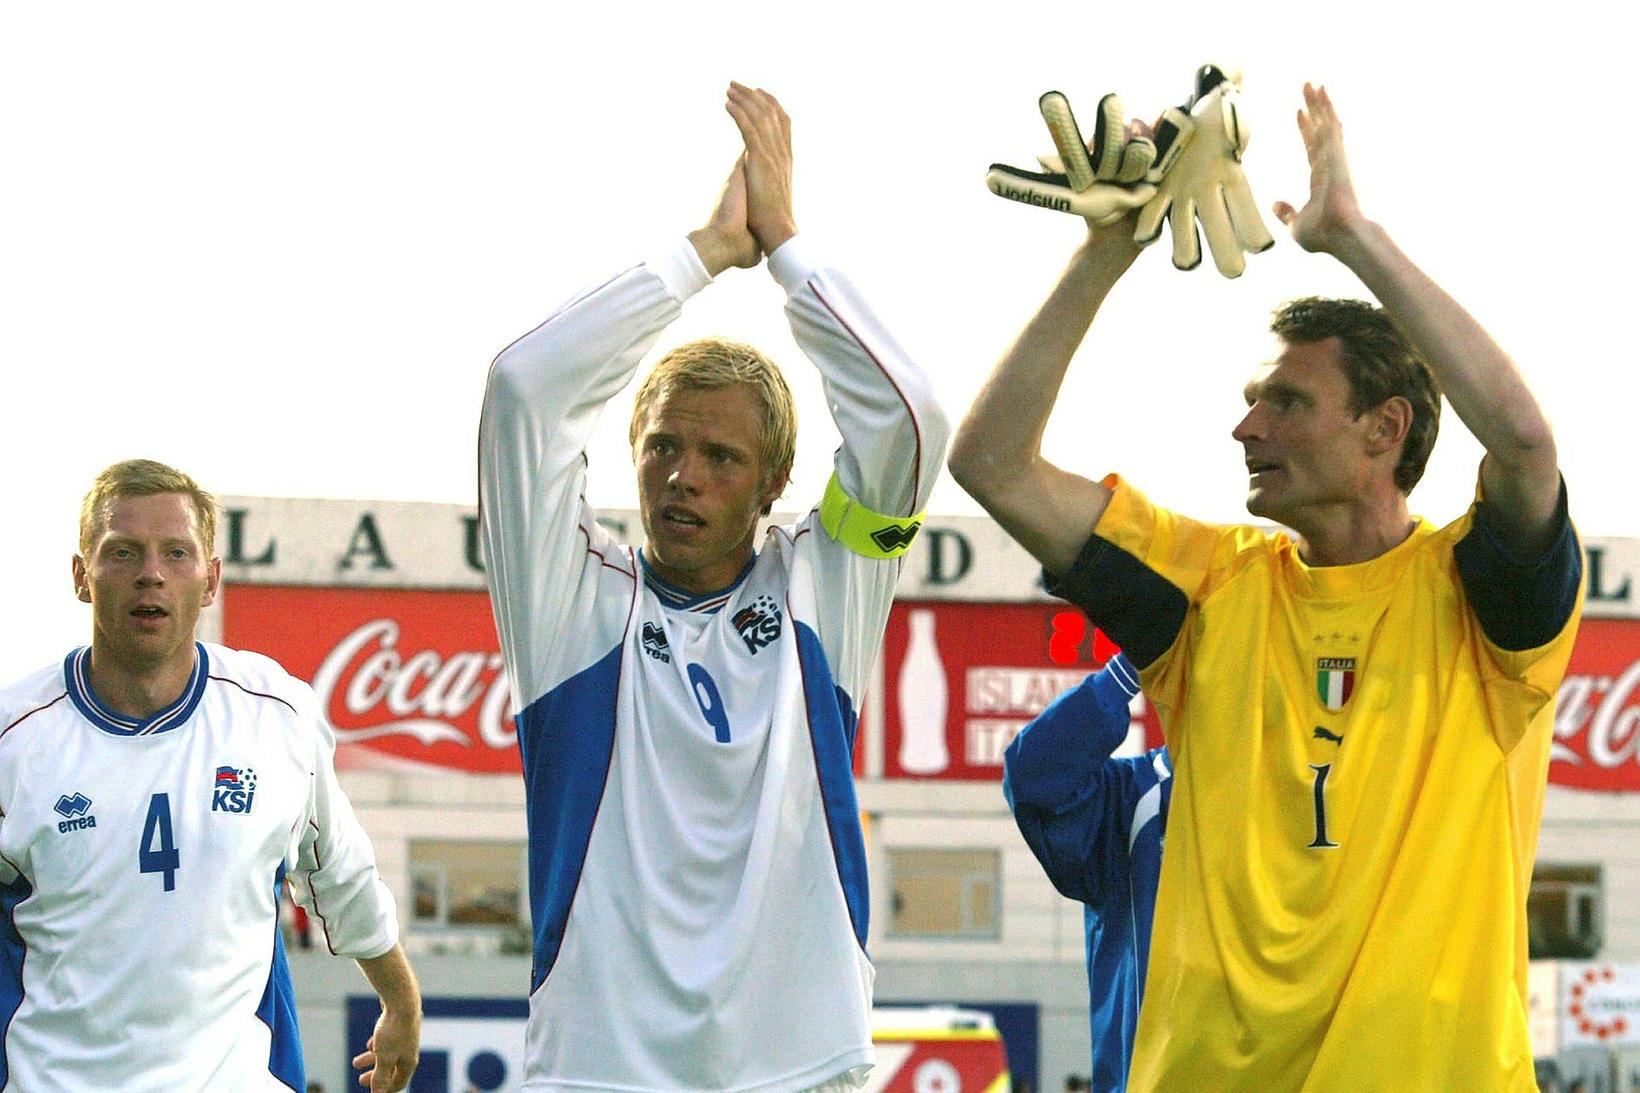 Birkir fagnar sigri á Ítölum á Laugardalsvelli árið 2004 ásamt …